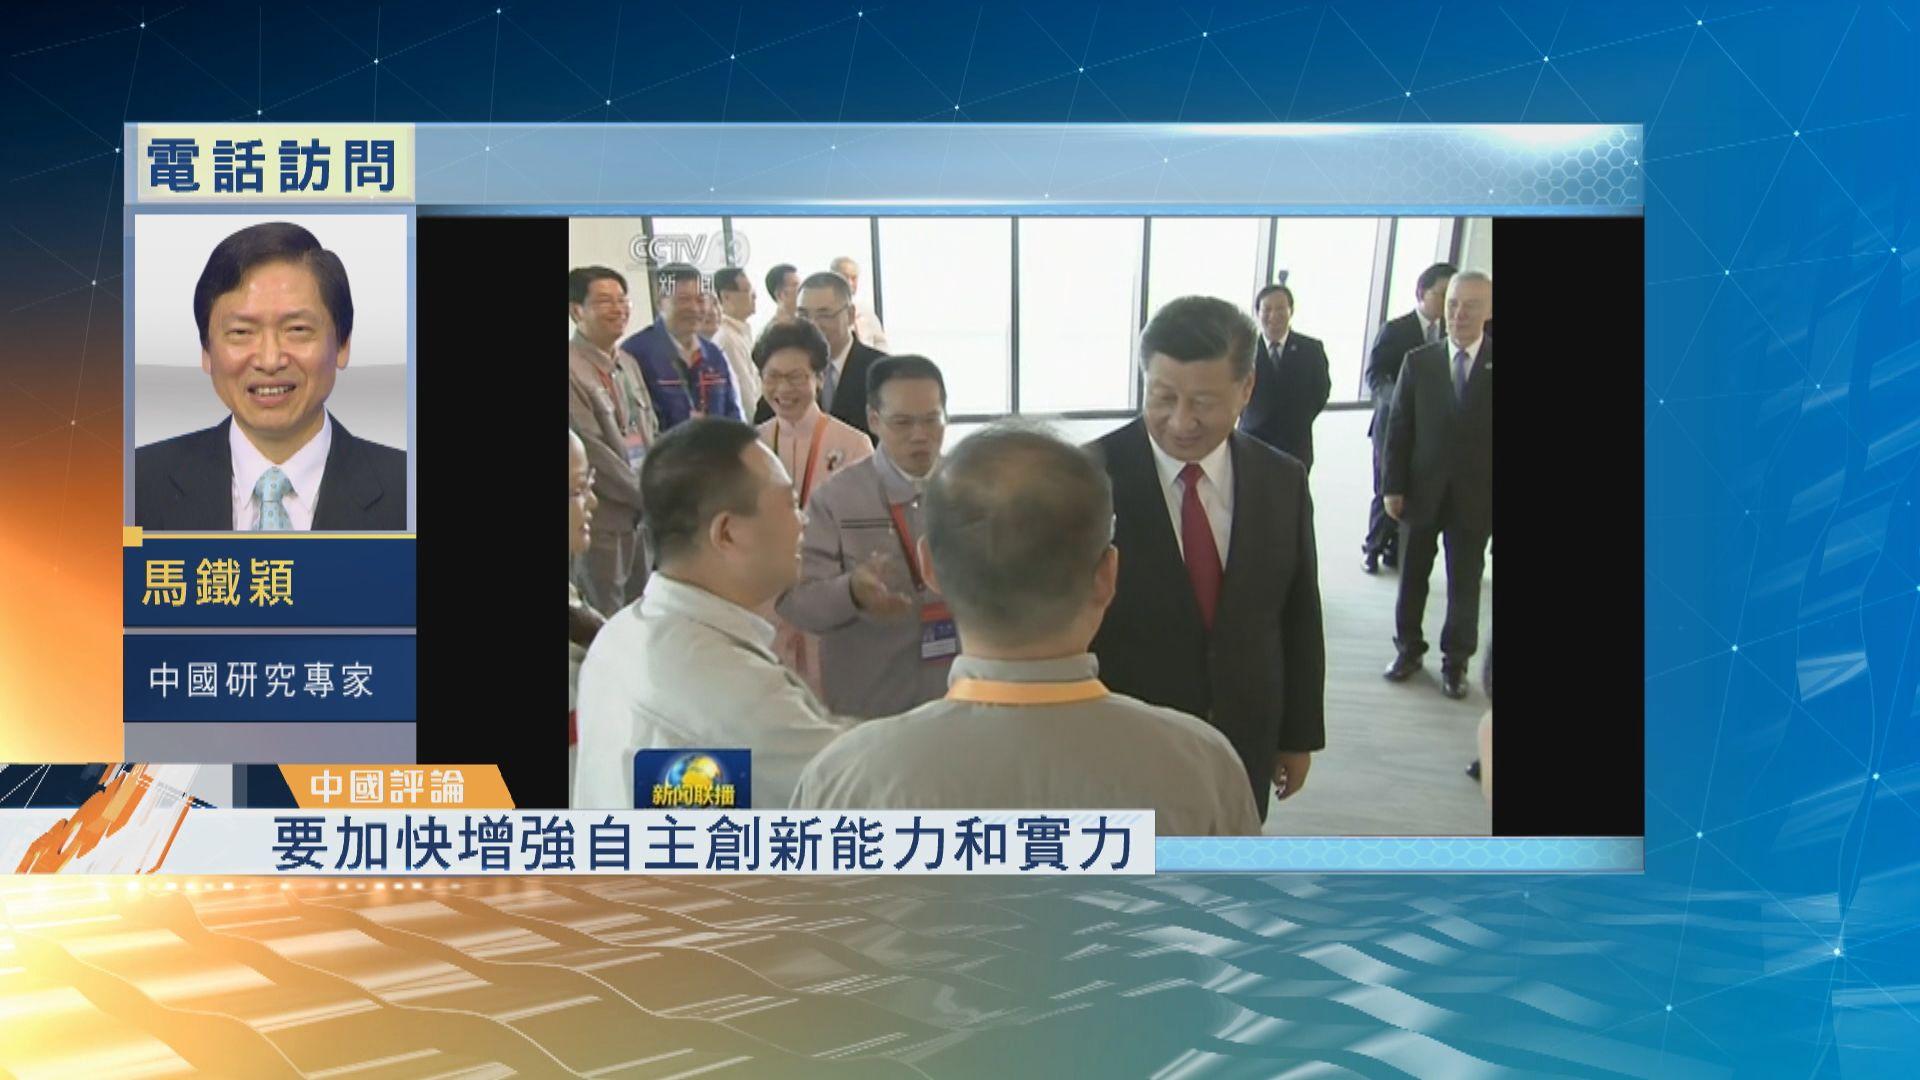 【中國評論】習近平宣布大橋開通釋多重訊息